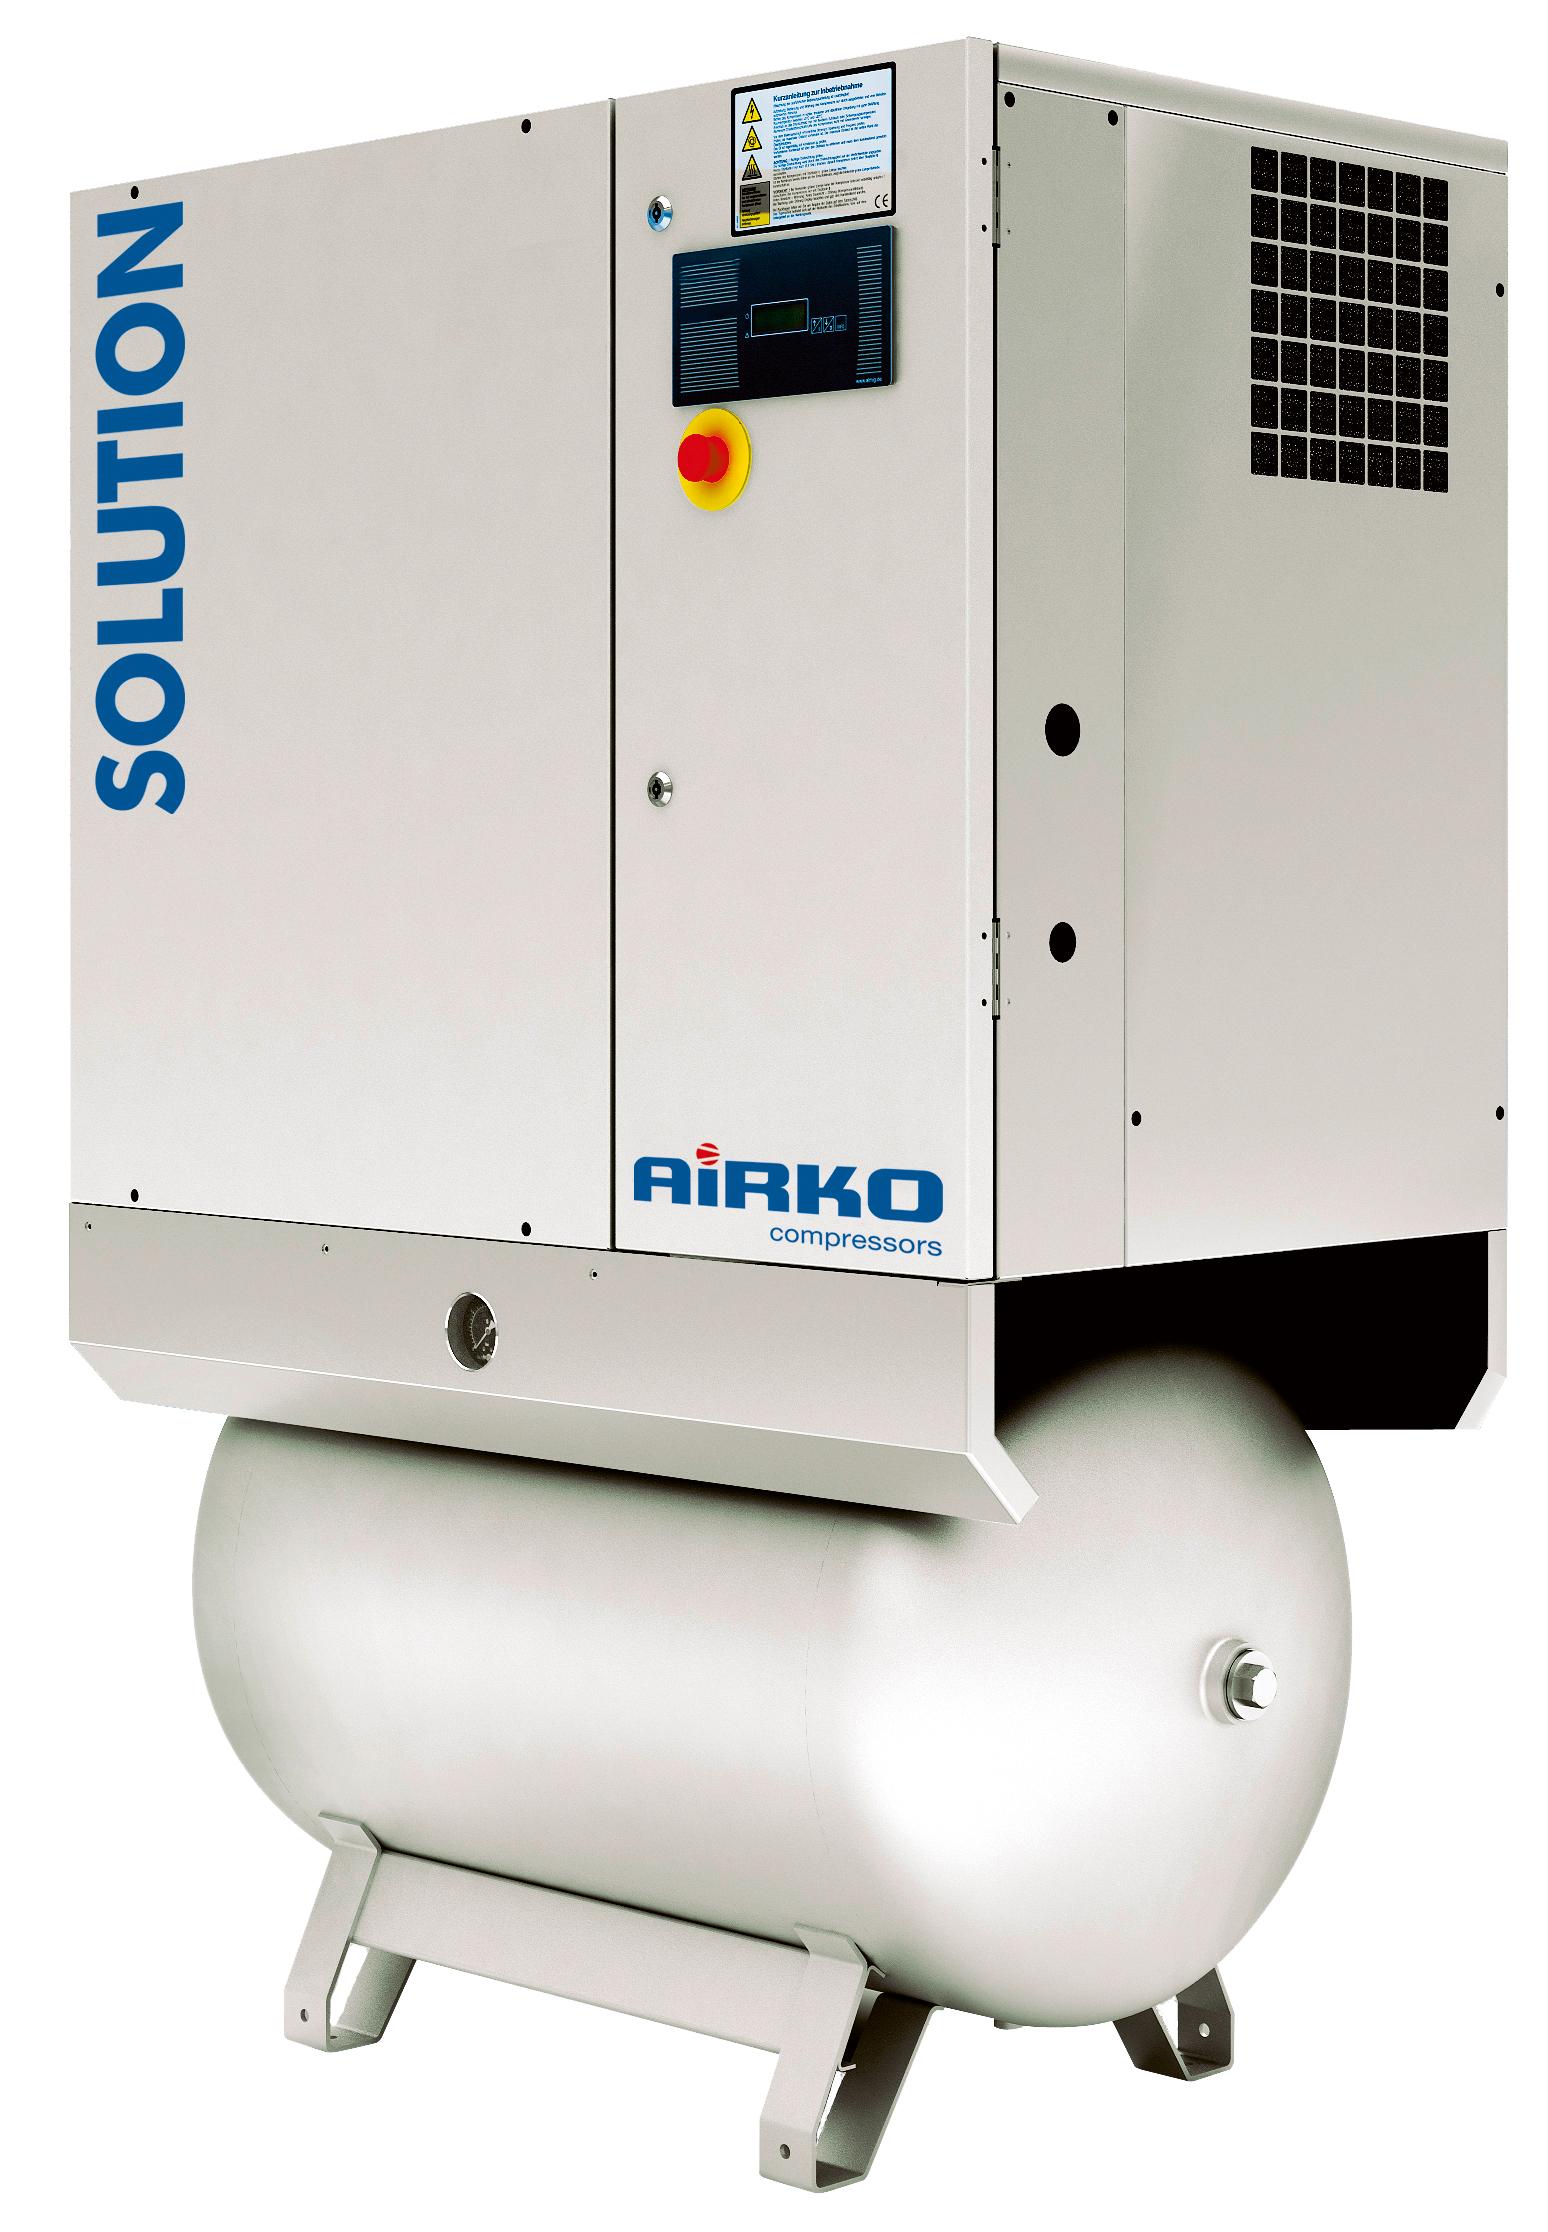 Airko Schraubenkompressoranlage SOLUTION 11